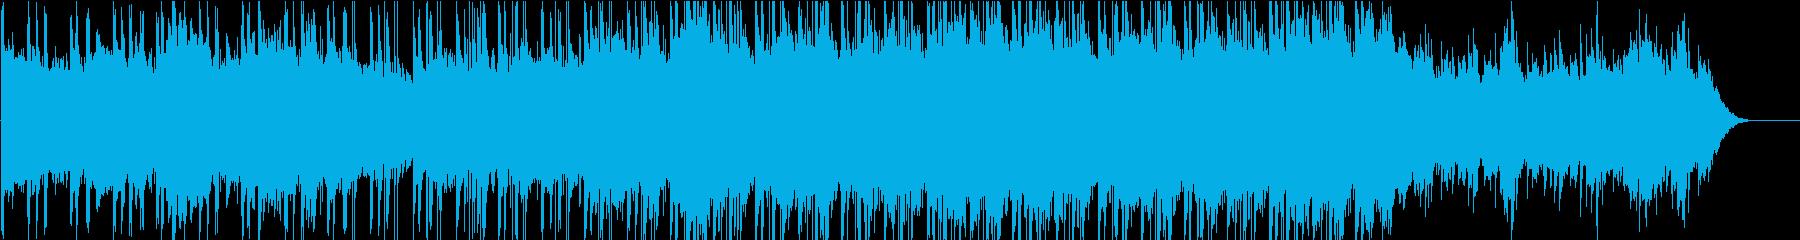 空撮映像など。クール、重厚、幻想的BGMの再生済みの波形